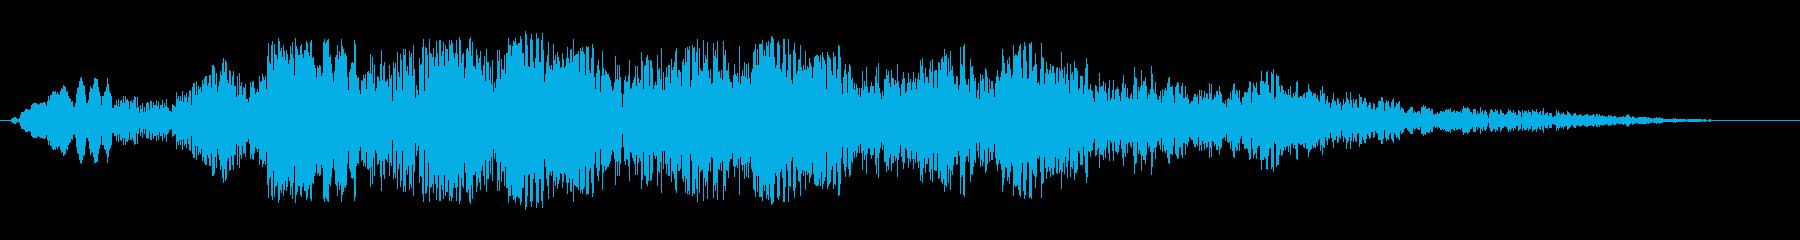 ポワワン (透明感のある神秘的な音)の再生済みの波形